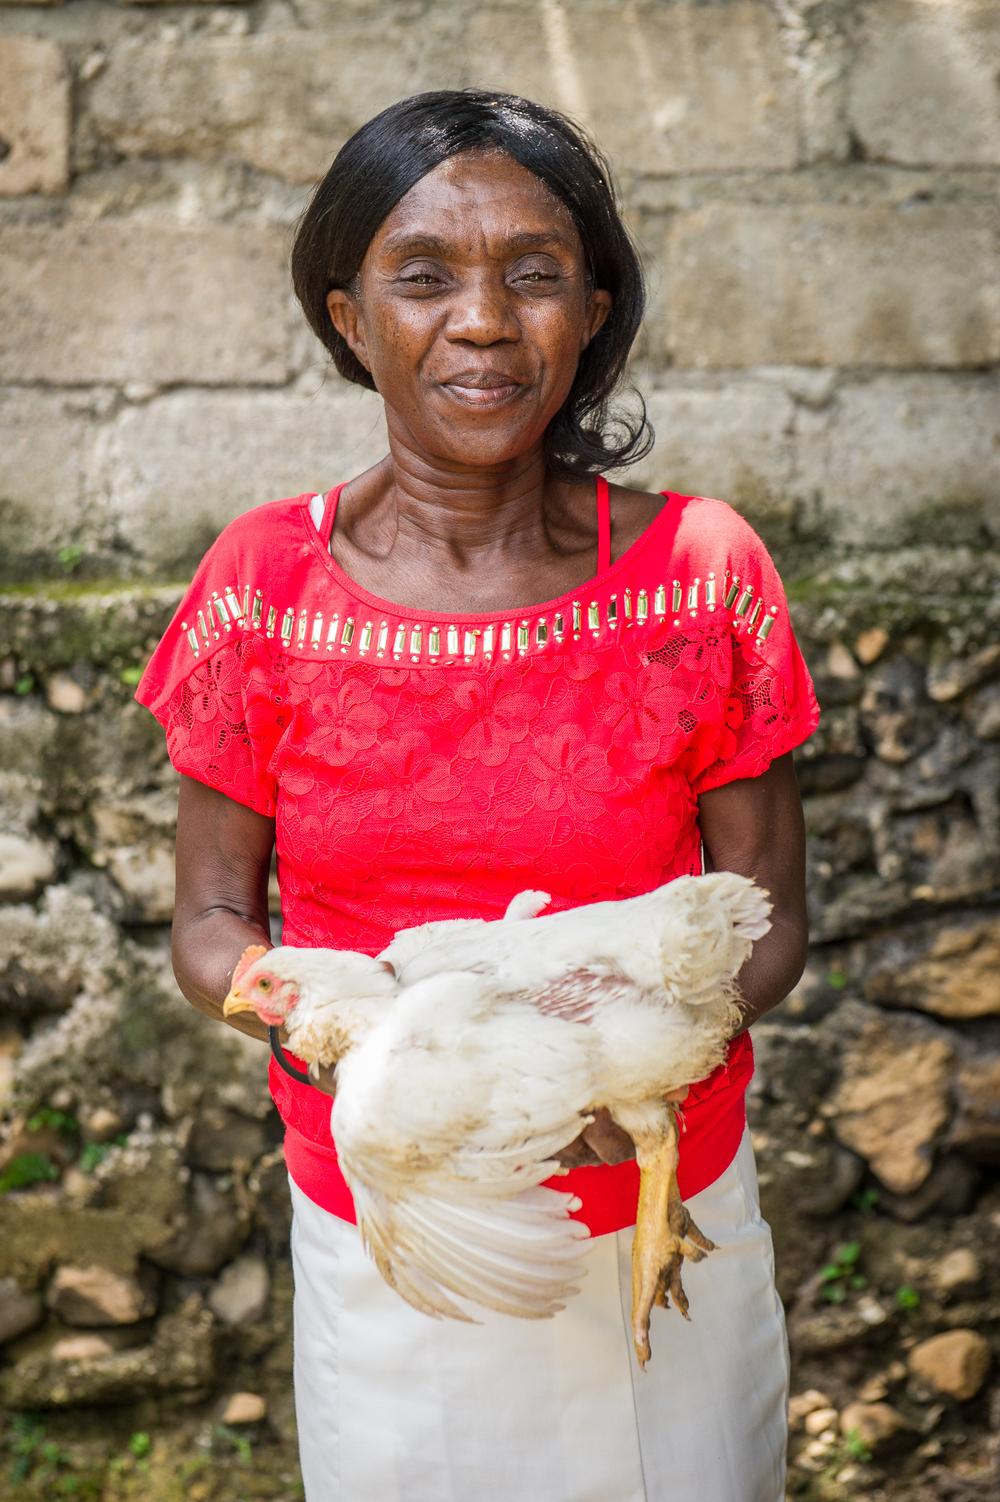 FINCA_Haiti-11.jpg